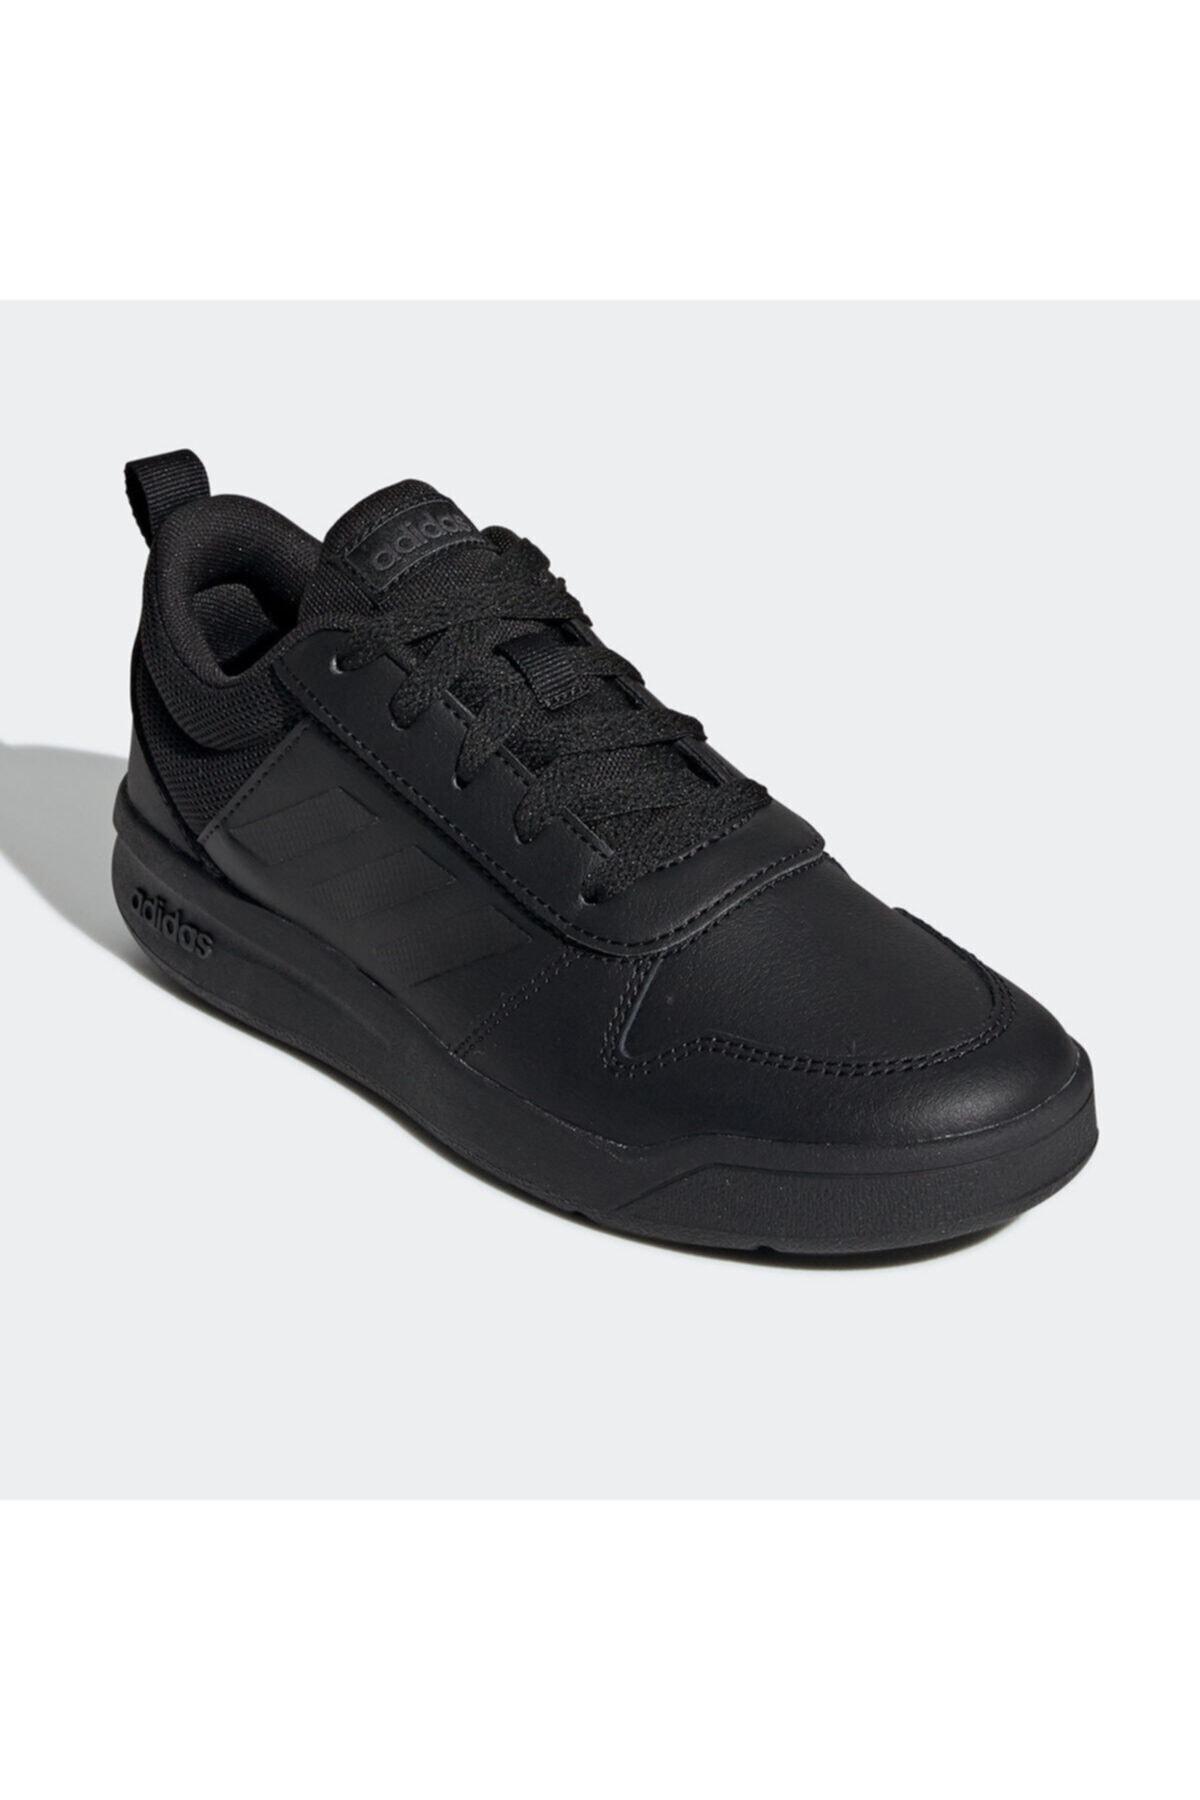 adidas TENSAUR Siyah Kadın Koşu Ayakkabısı 100538922 1